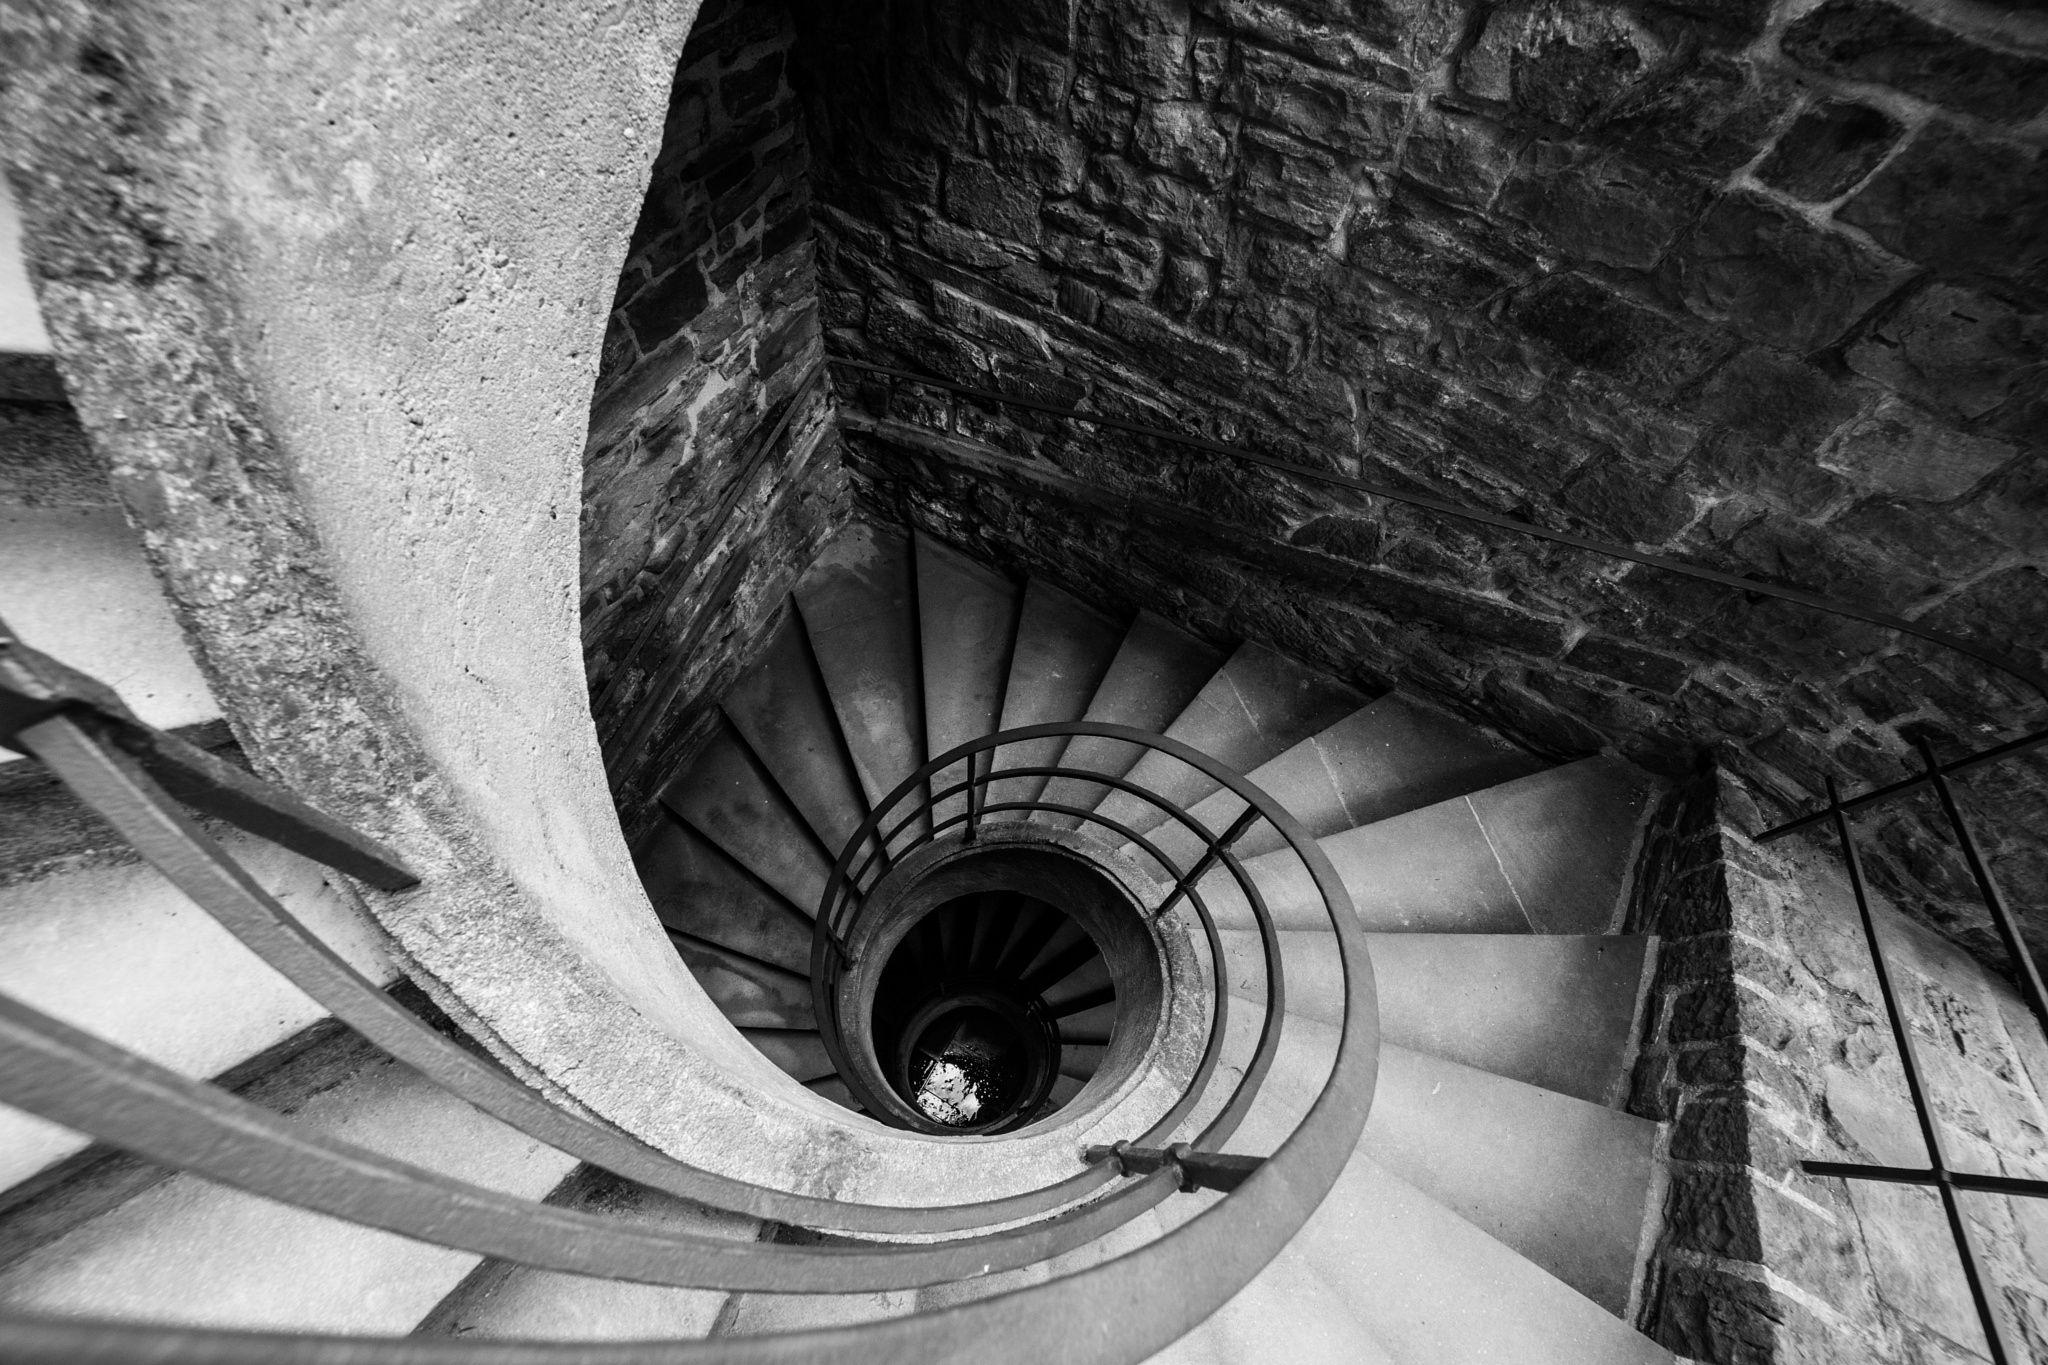 Spiral by Alex Gaflig on 500px